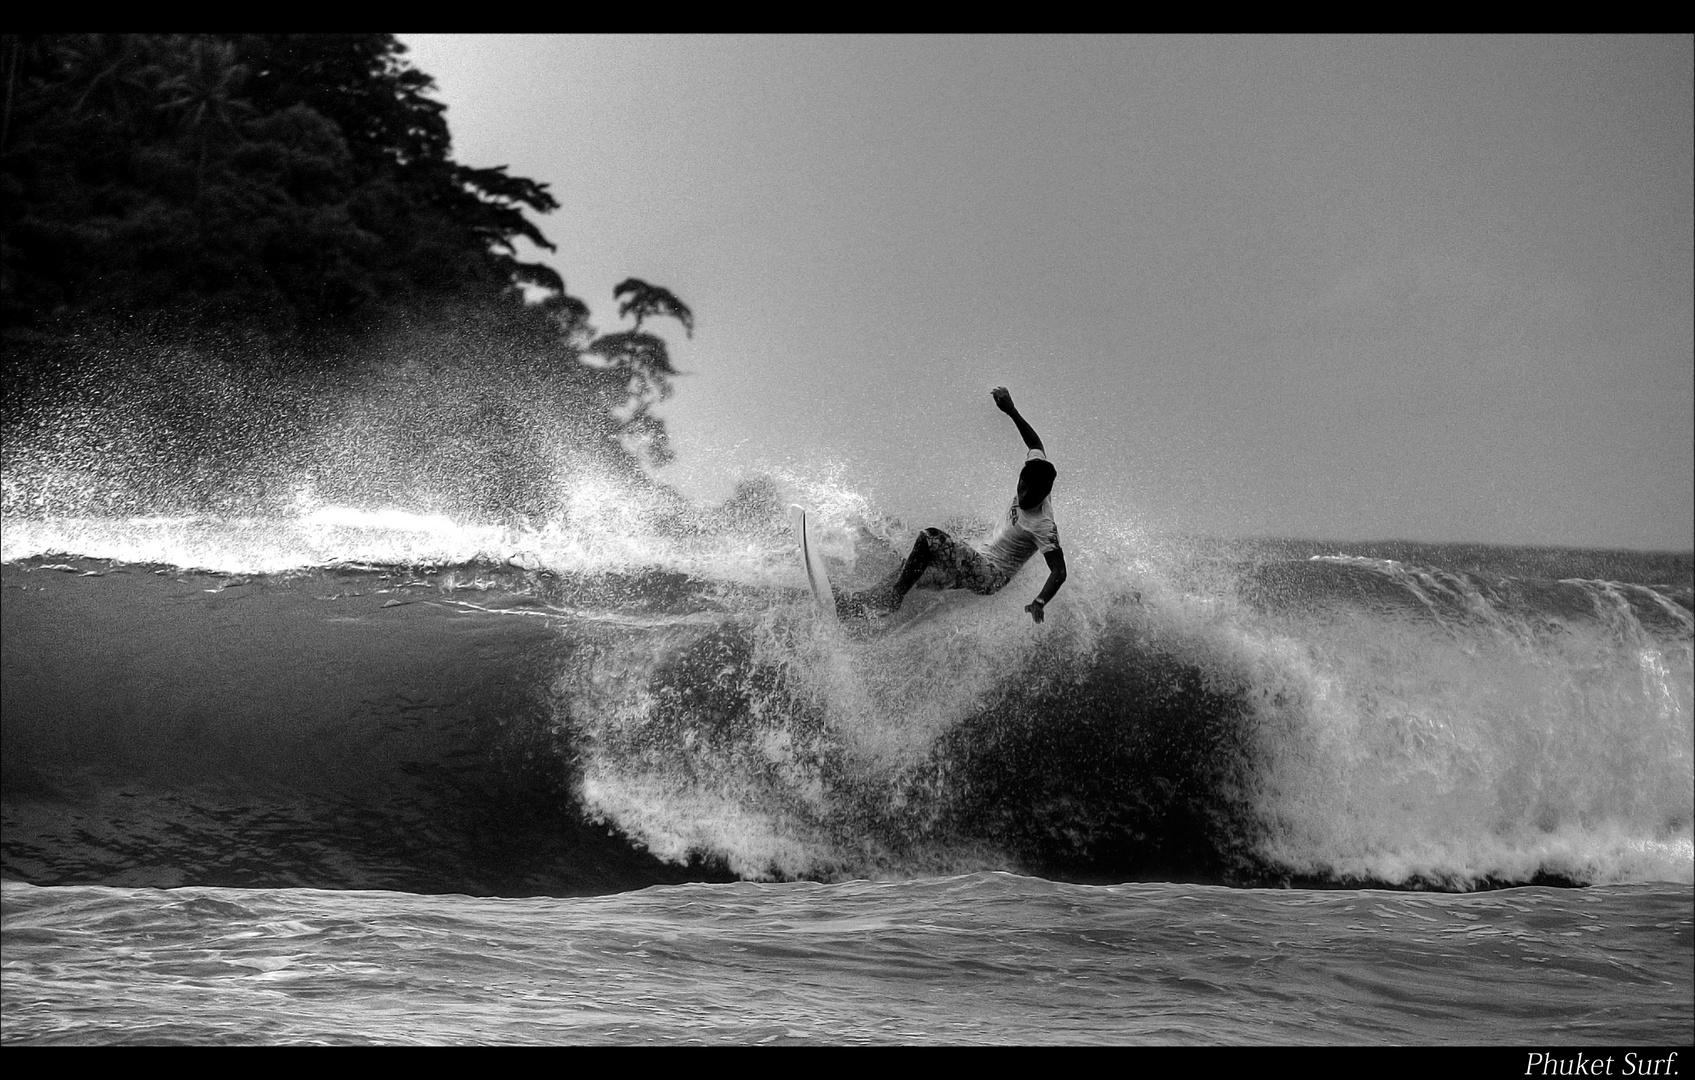 Phuket Surf.